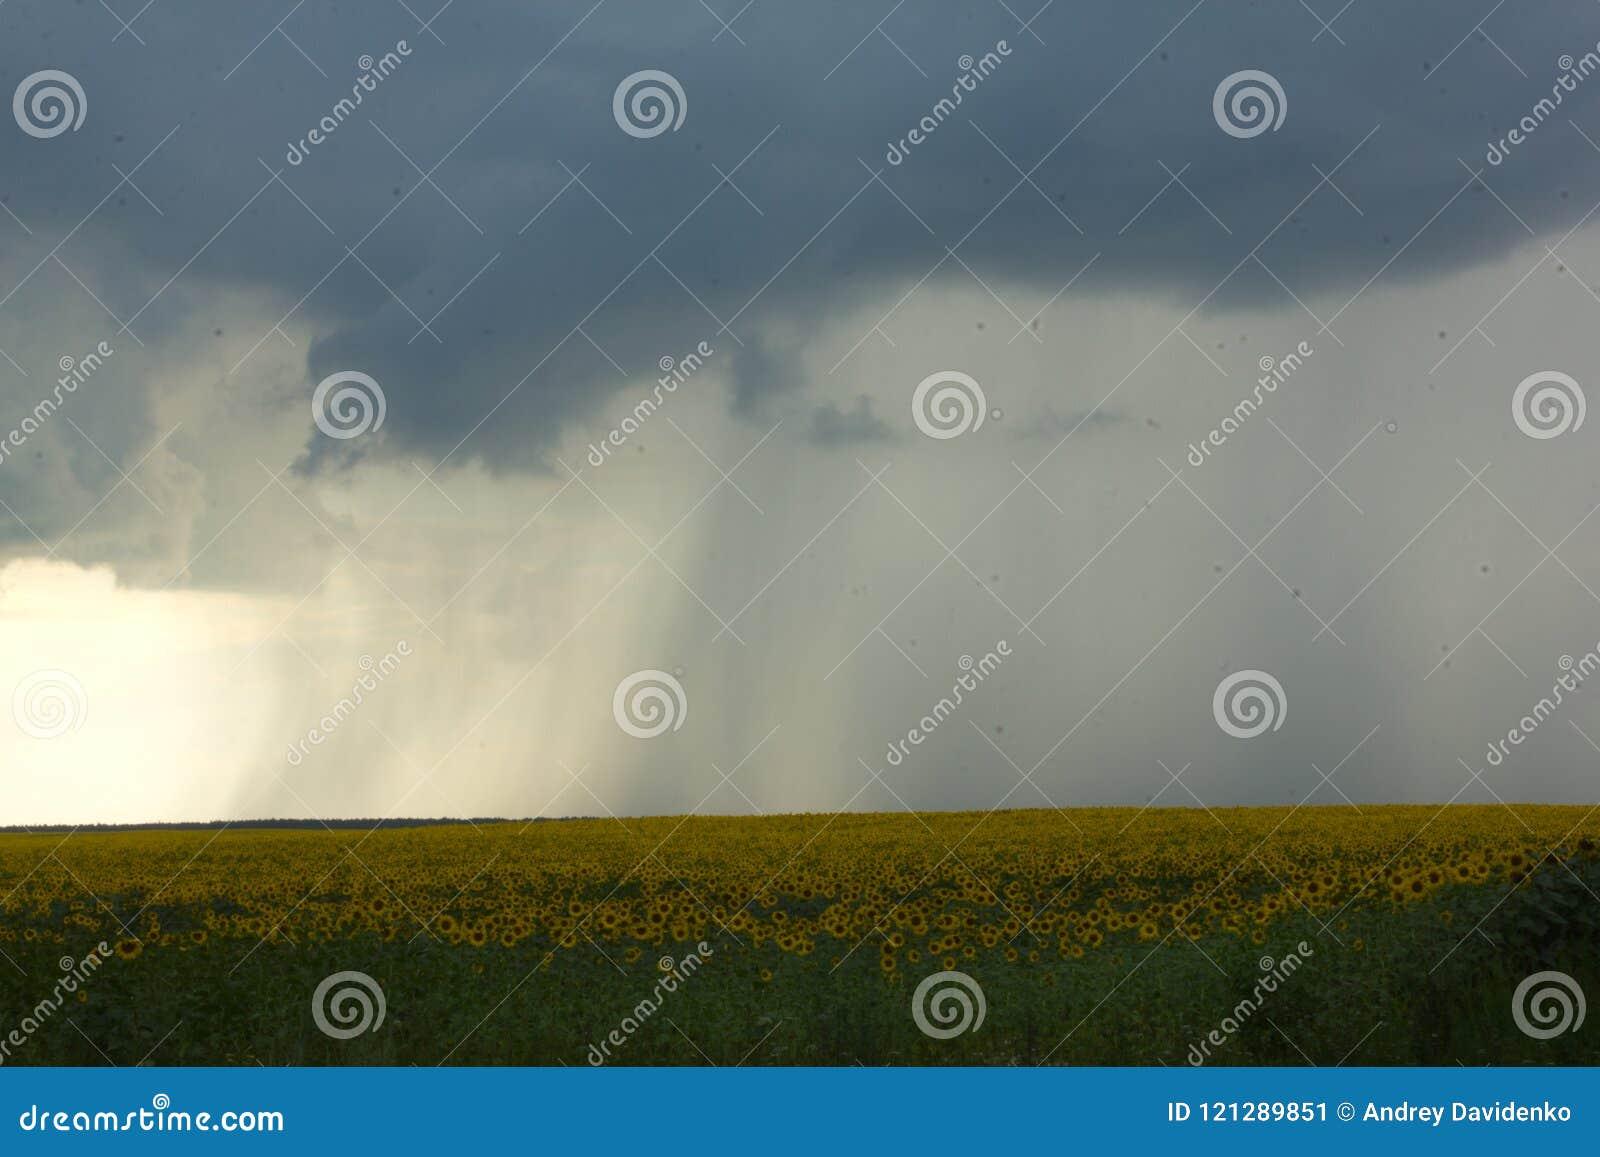 Movimiento De Las Nubes De Lluvia Antes De La Lluvia Y Del Trueno